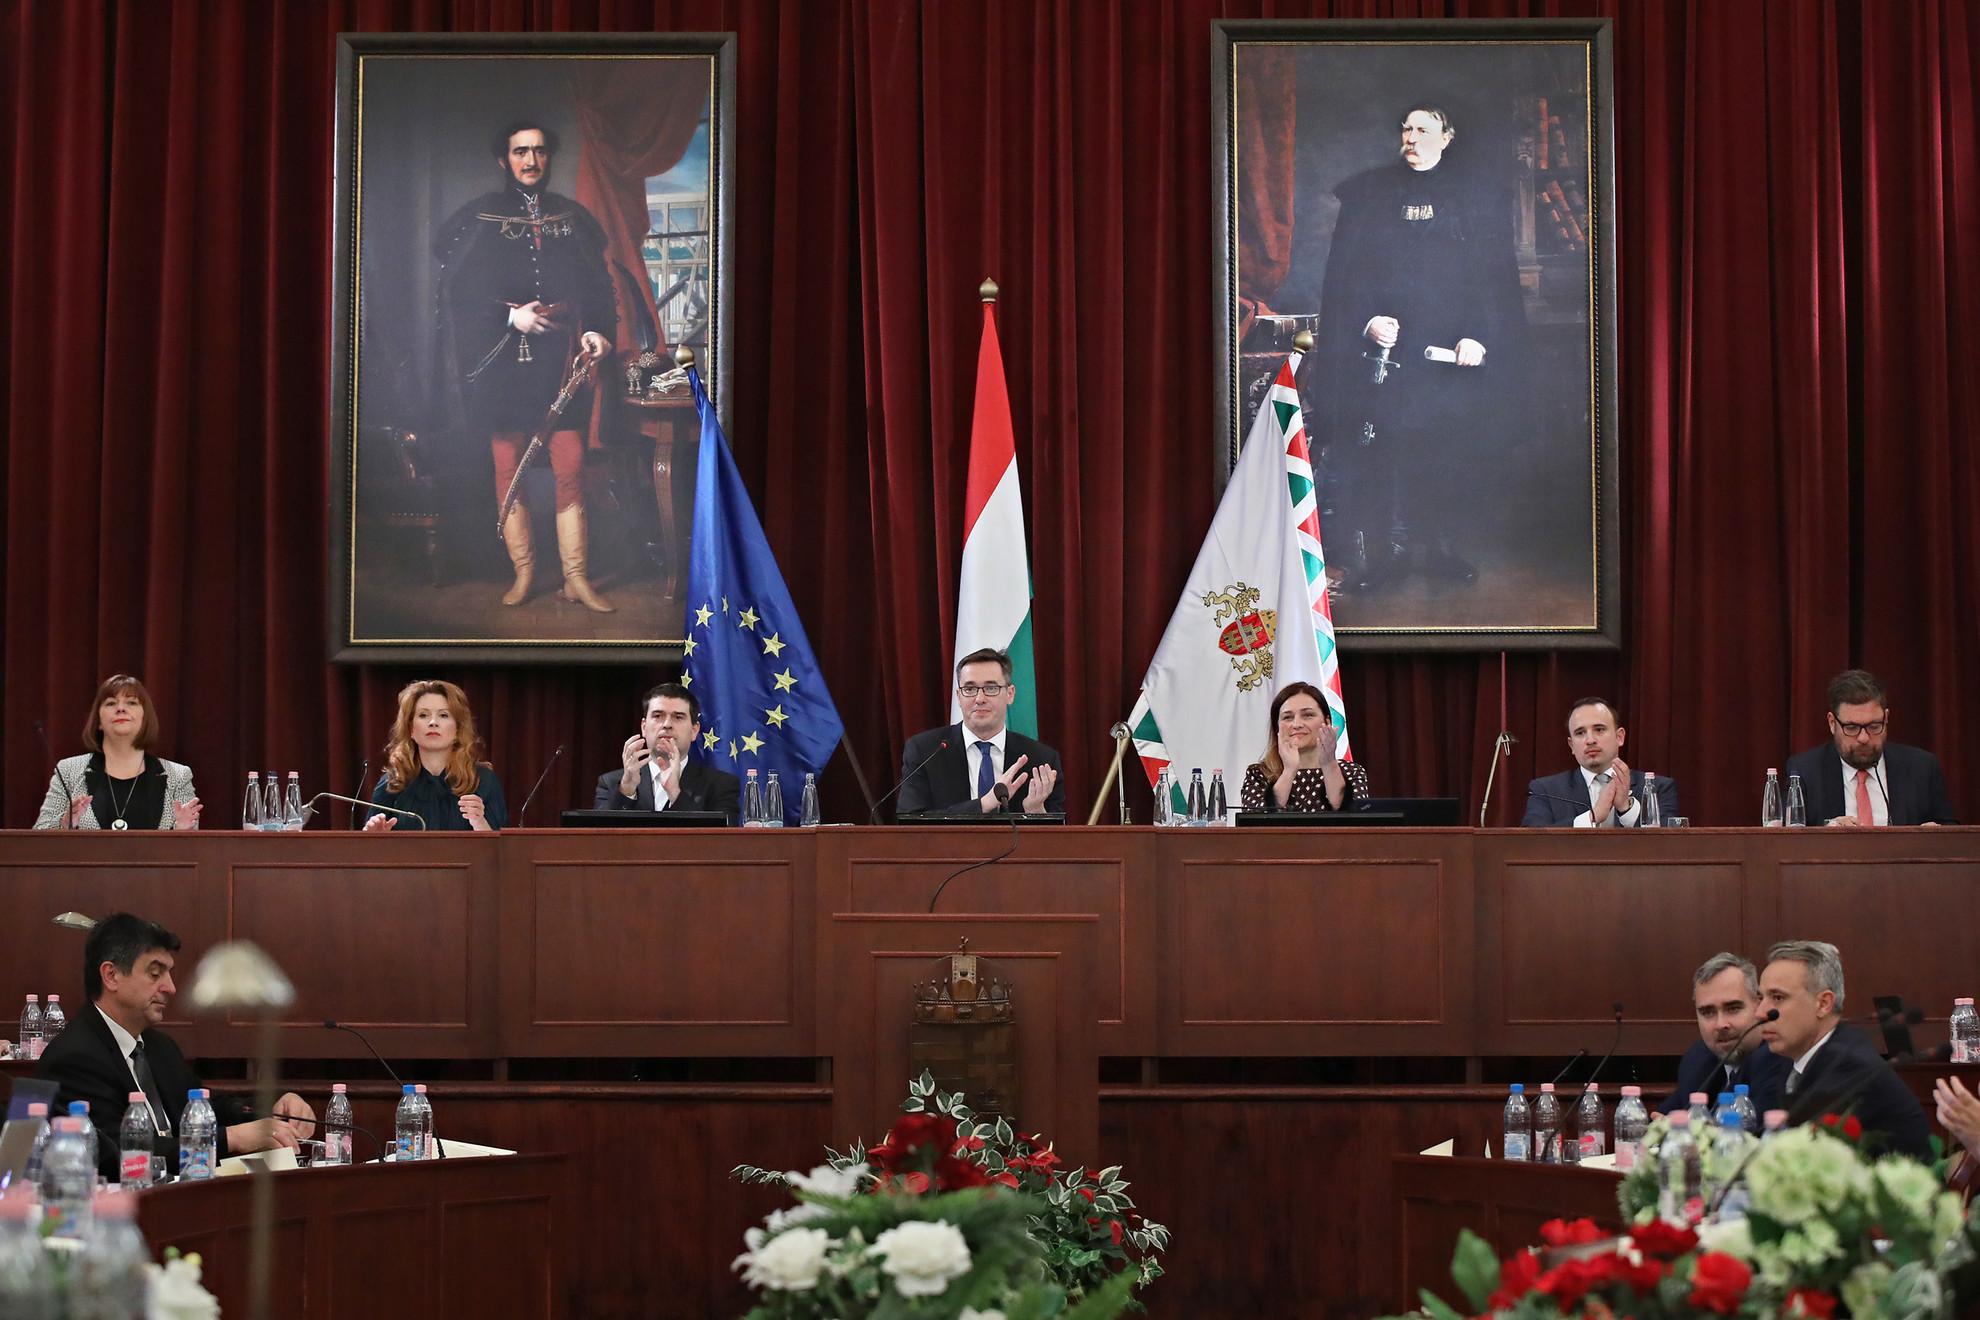 Karácsony Gergely főpolgármester (középen) és az alakuló ülésen megválasztott helyettesek: Gy. Németh Erzsébet, Tüttő Kata, Kiss Ambrus, Dorosz Dávid és Kerpel-Fronius Gábor